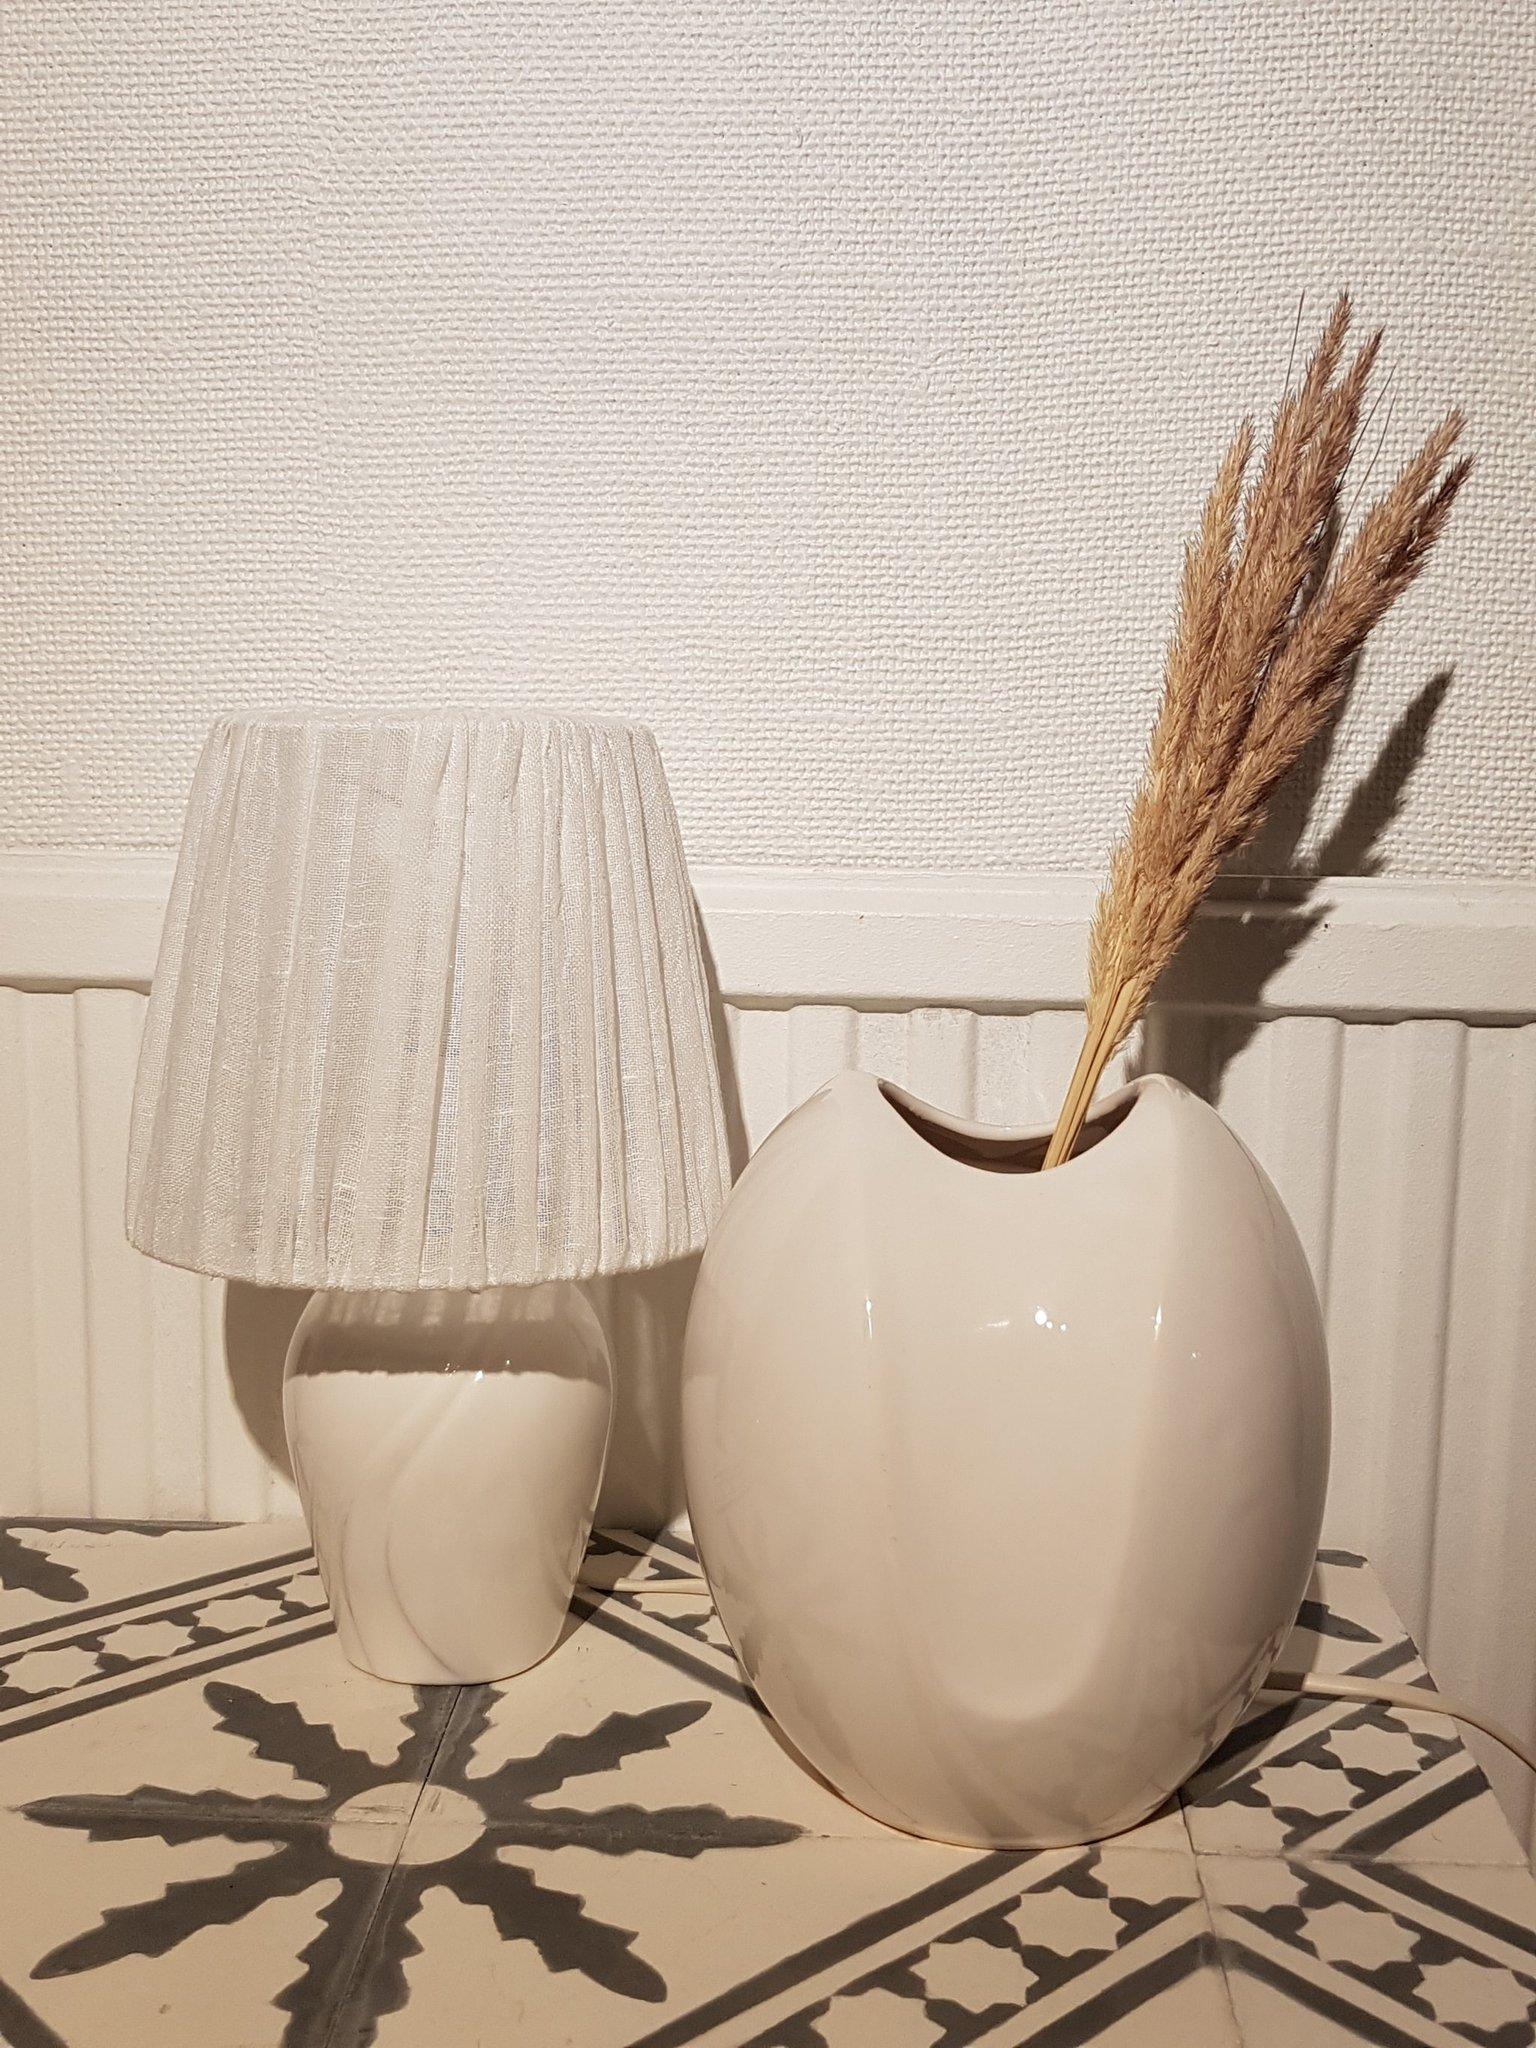 Retro, vintage vas och lampa, bordslampa, östtysk, porslin, inredning 8090 tal